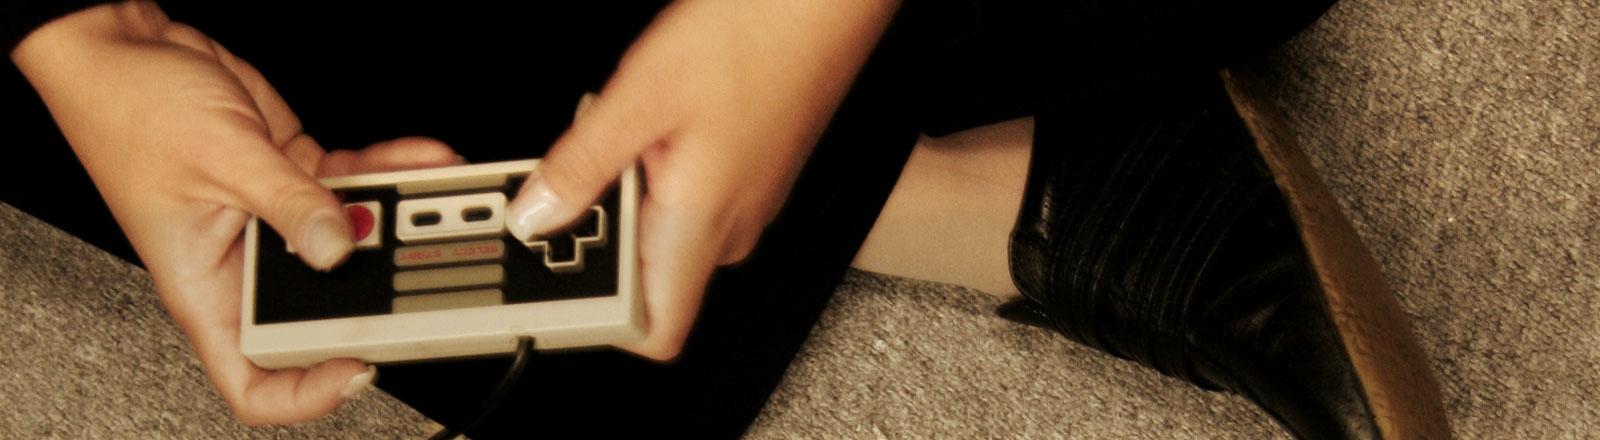 Eine Hand hält einen Joystick.